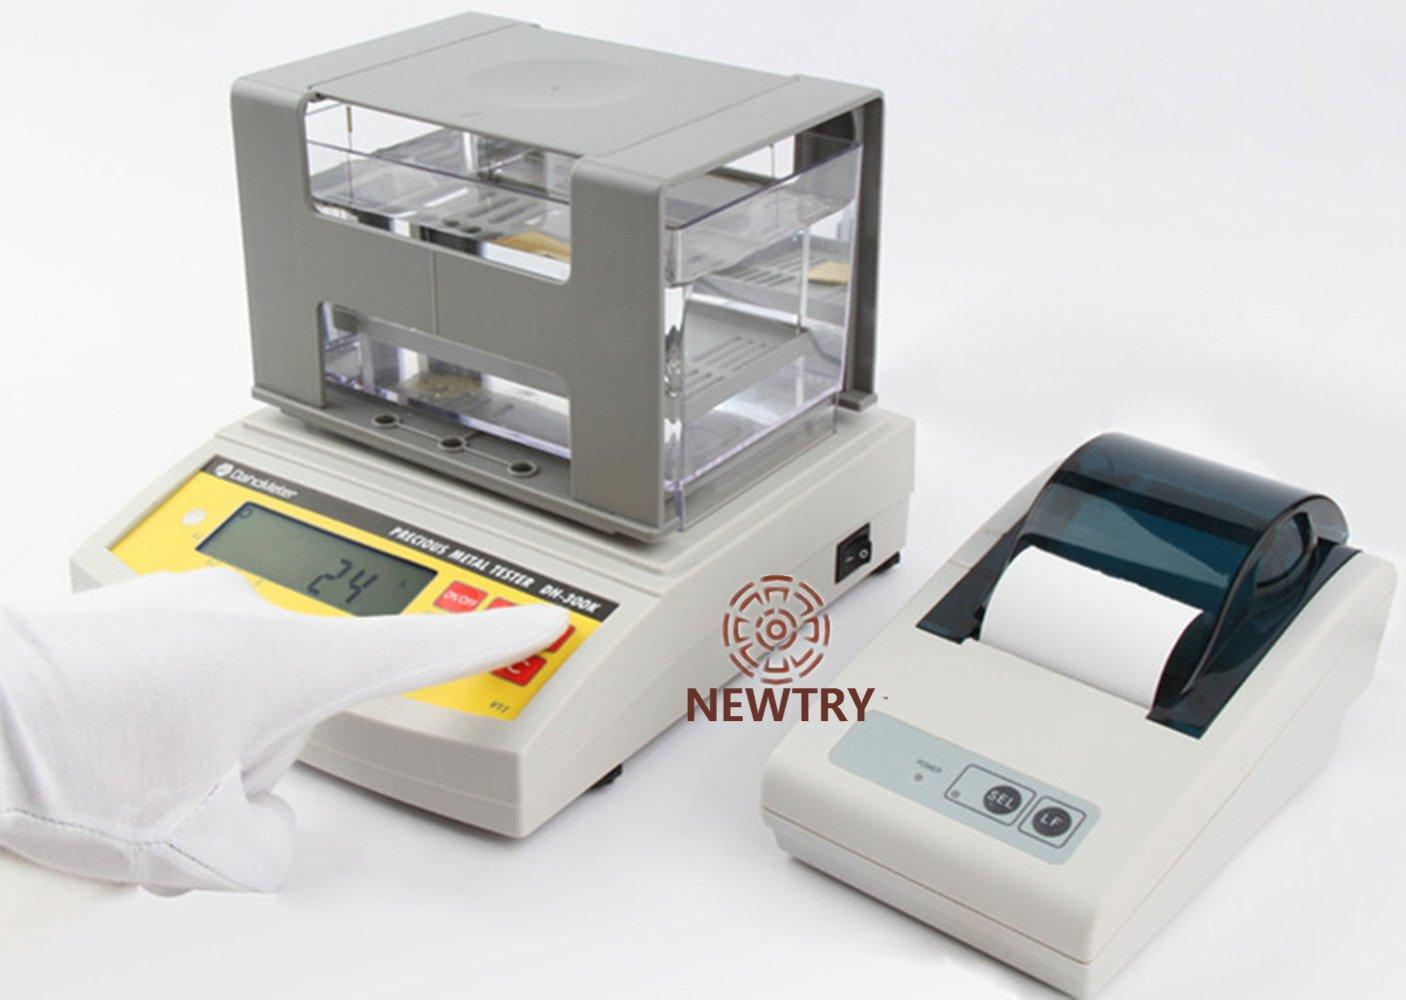 NEWTRY Digital Electronic Precious Metal Tester Gold Purity Analyser Karat Detector Meter Measuring Machine Testing Machine Density Tester Densimeter ...